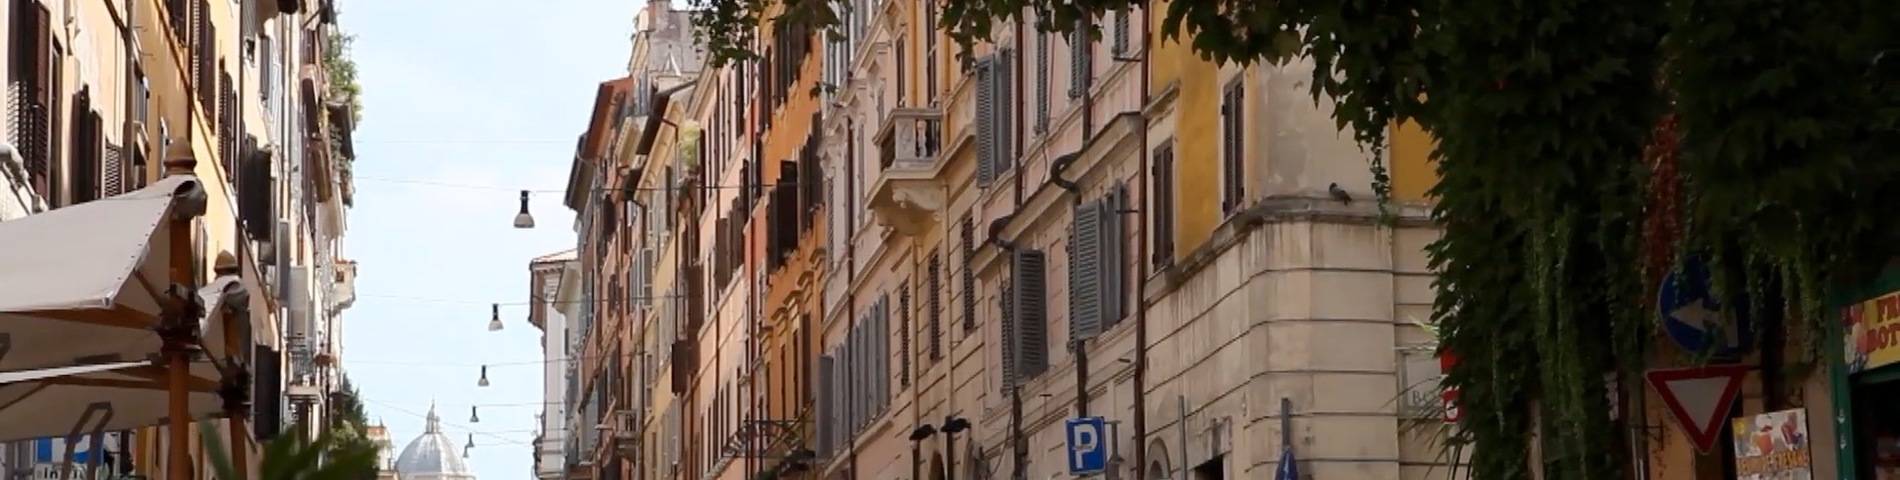 Ciao Italia kép 1